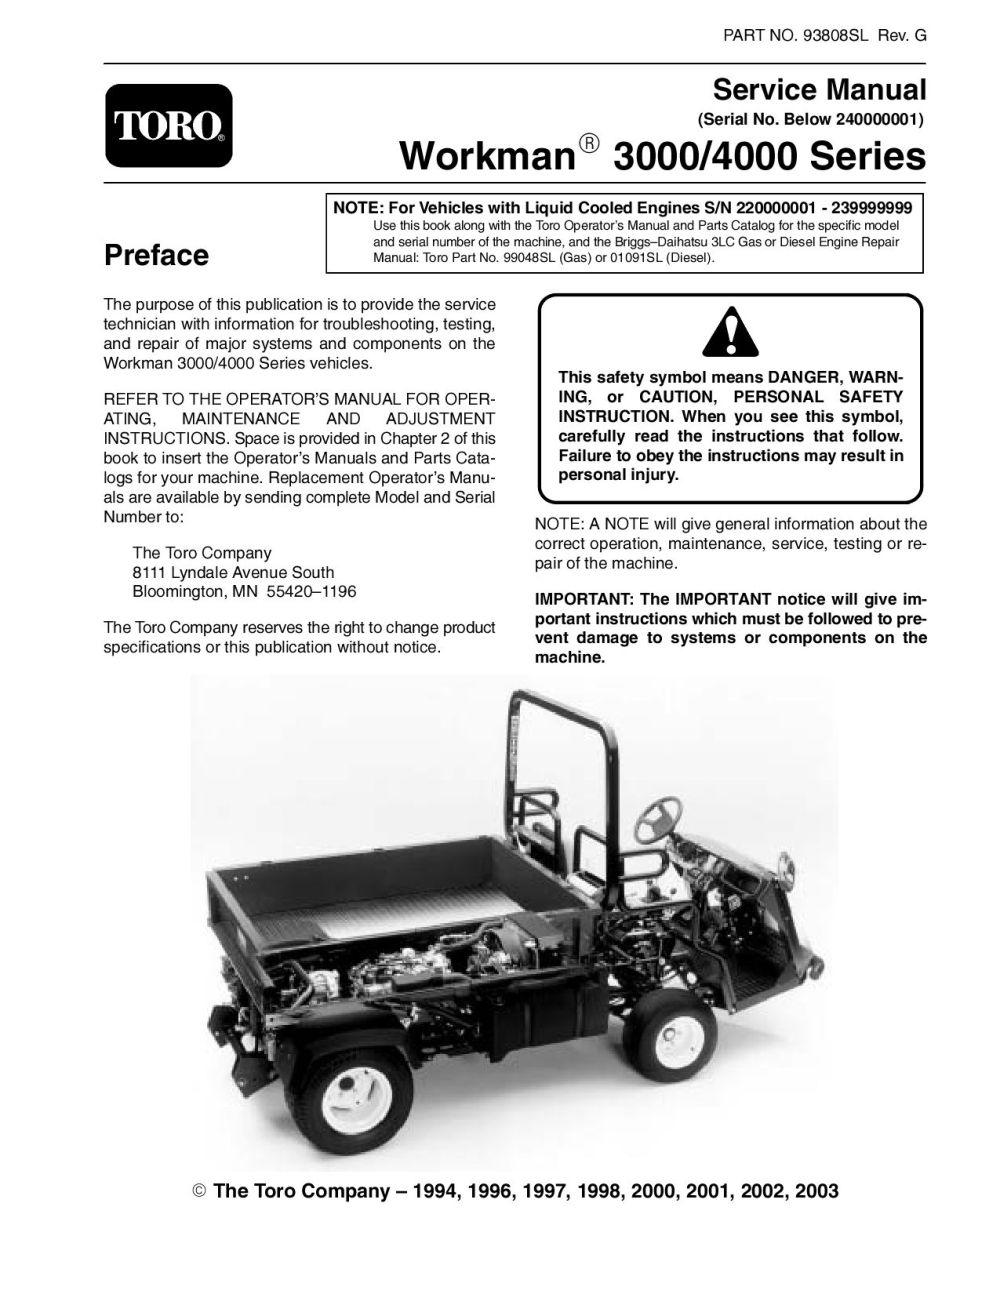 medium resolution of 93808sl pdf workman 3000 4000 series s n below 240000000 rev g 2003 by negimachi negimachi issuu